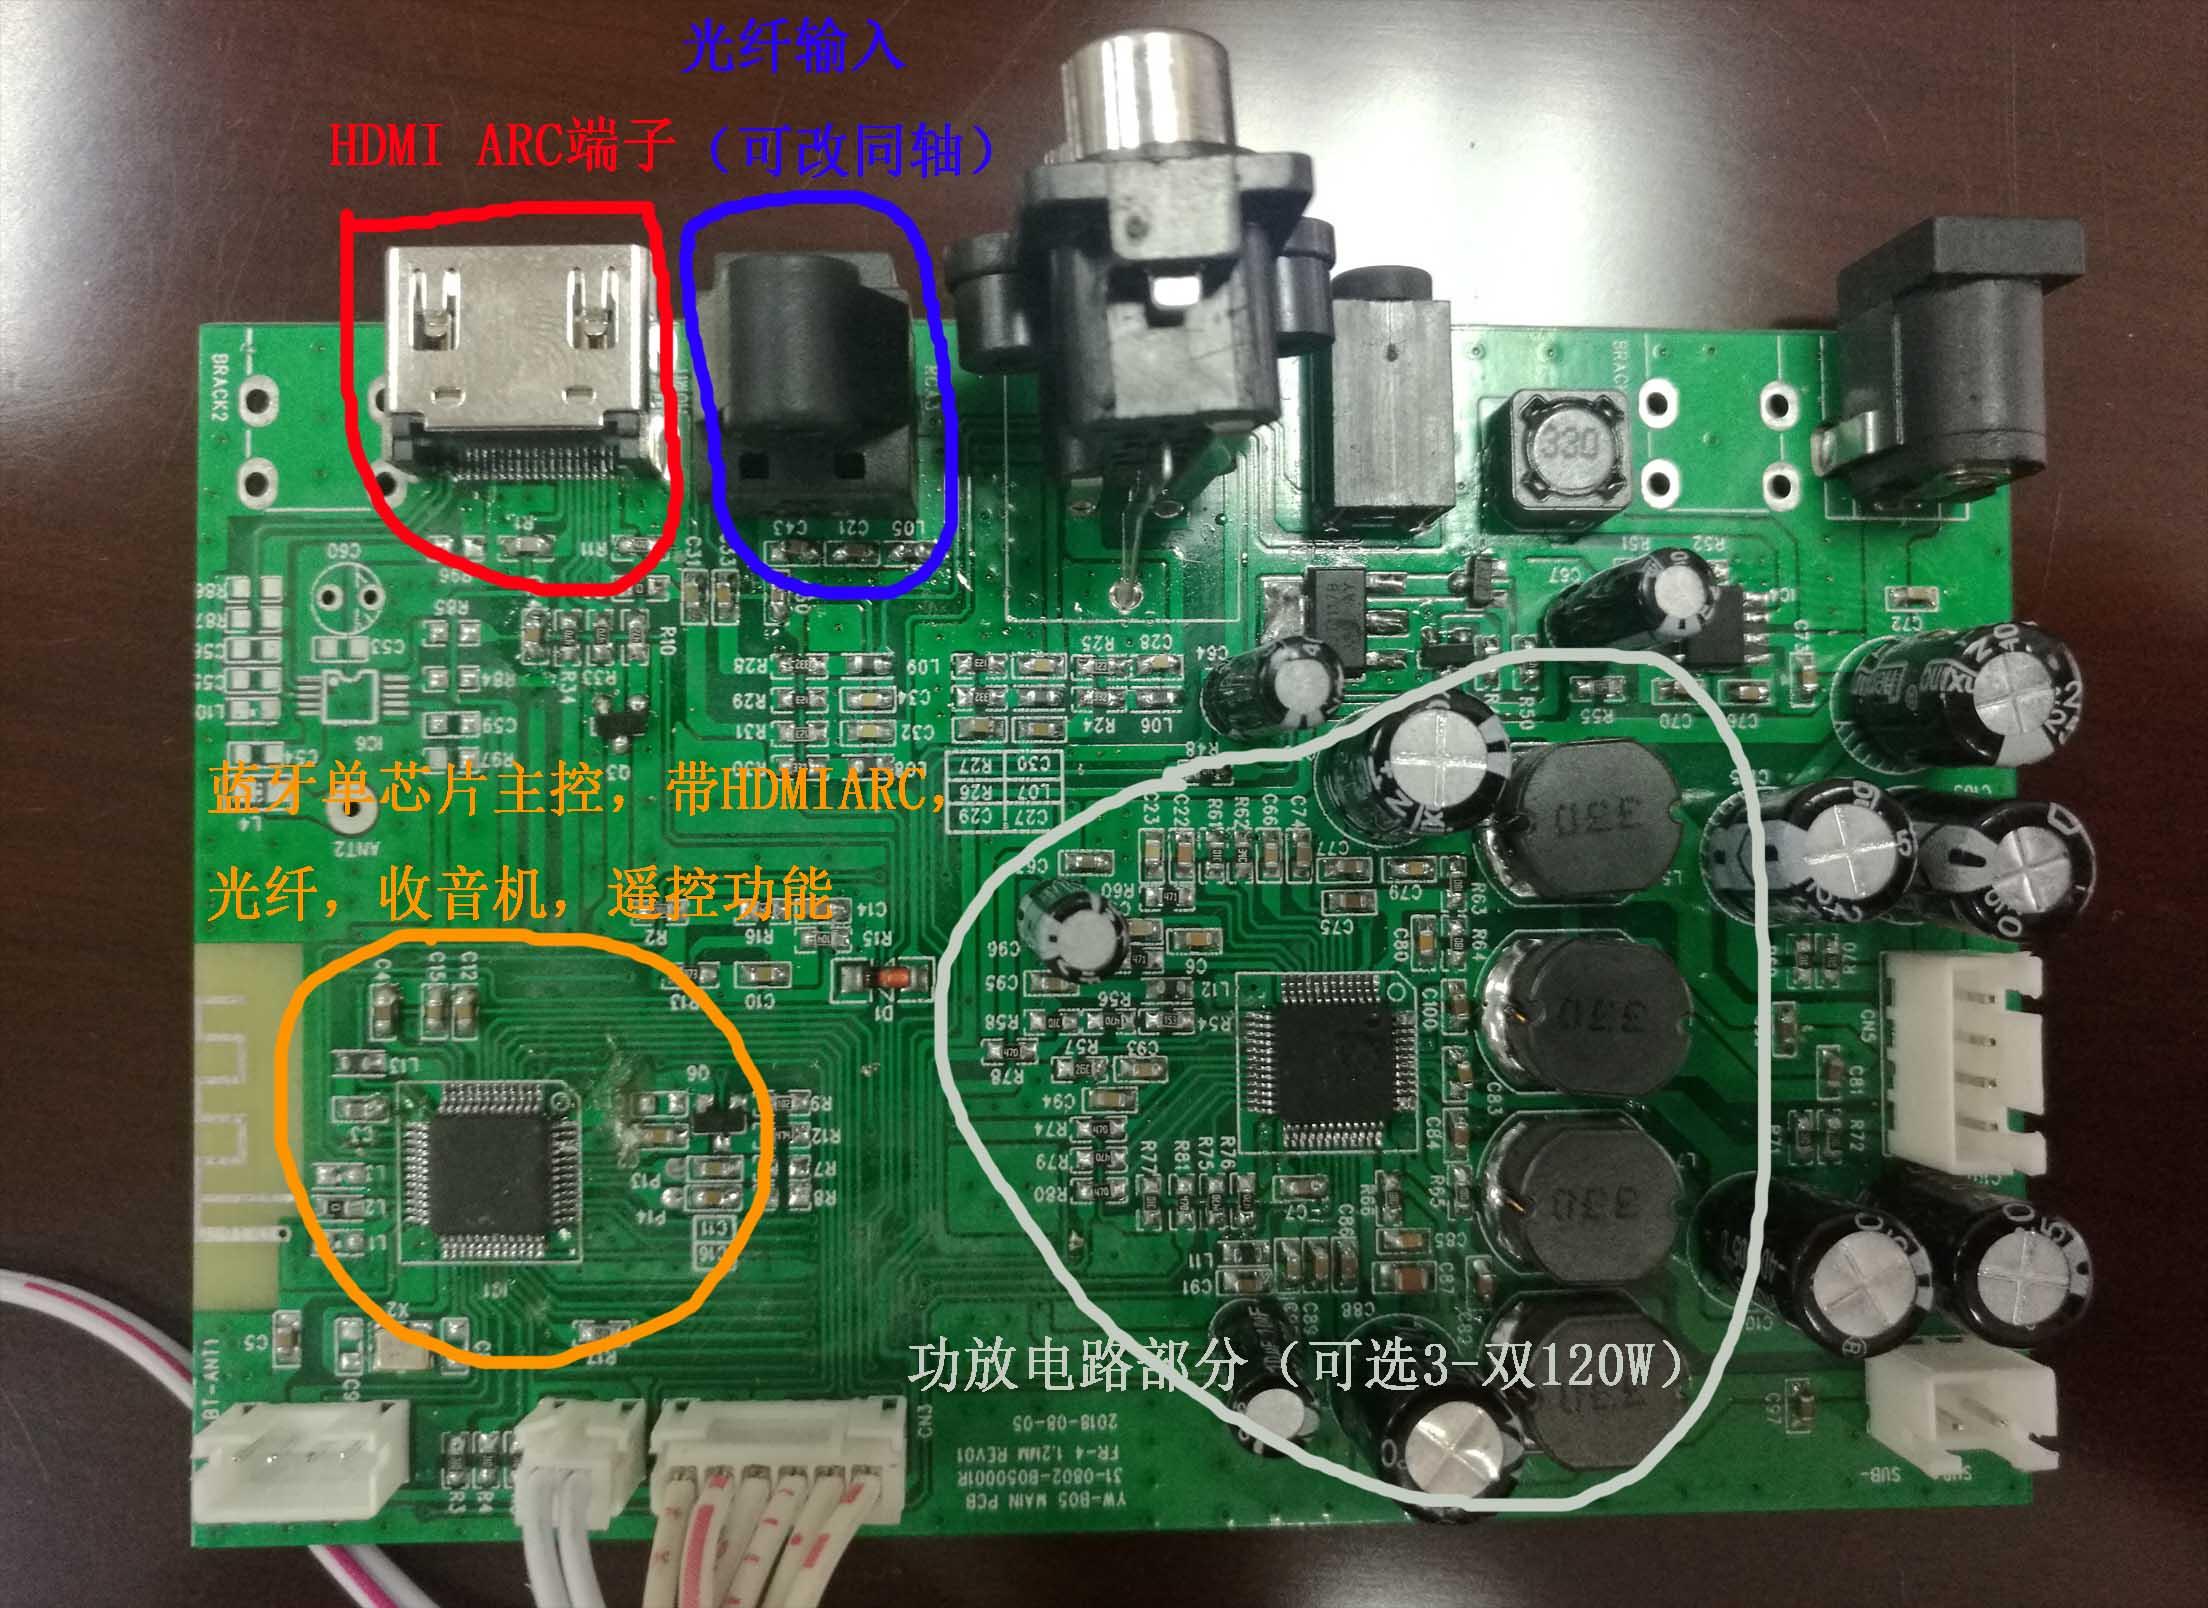 面对soundbar的蓝牙带HDMI ARC/光纤&同轴功能单芯片音响解决方案